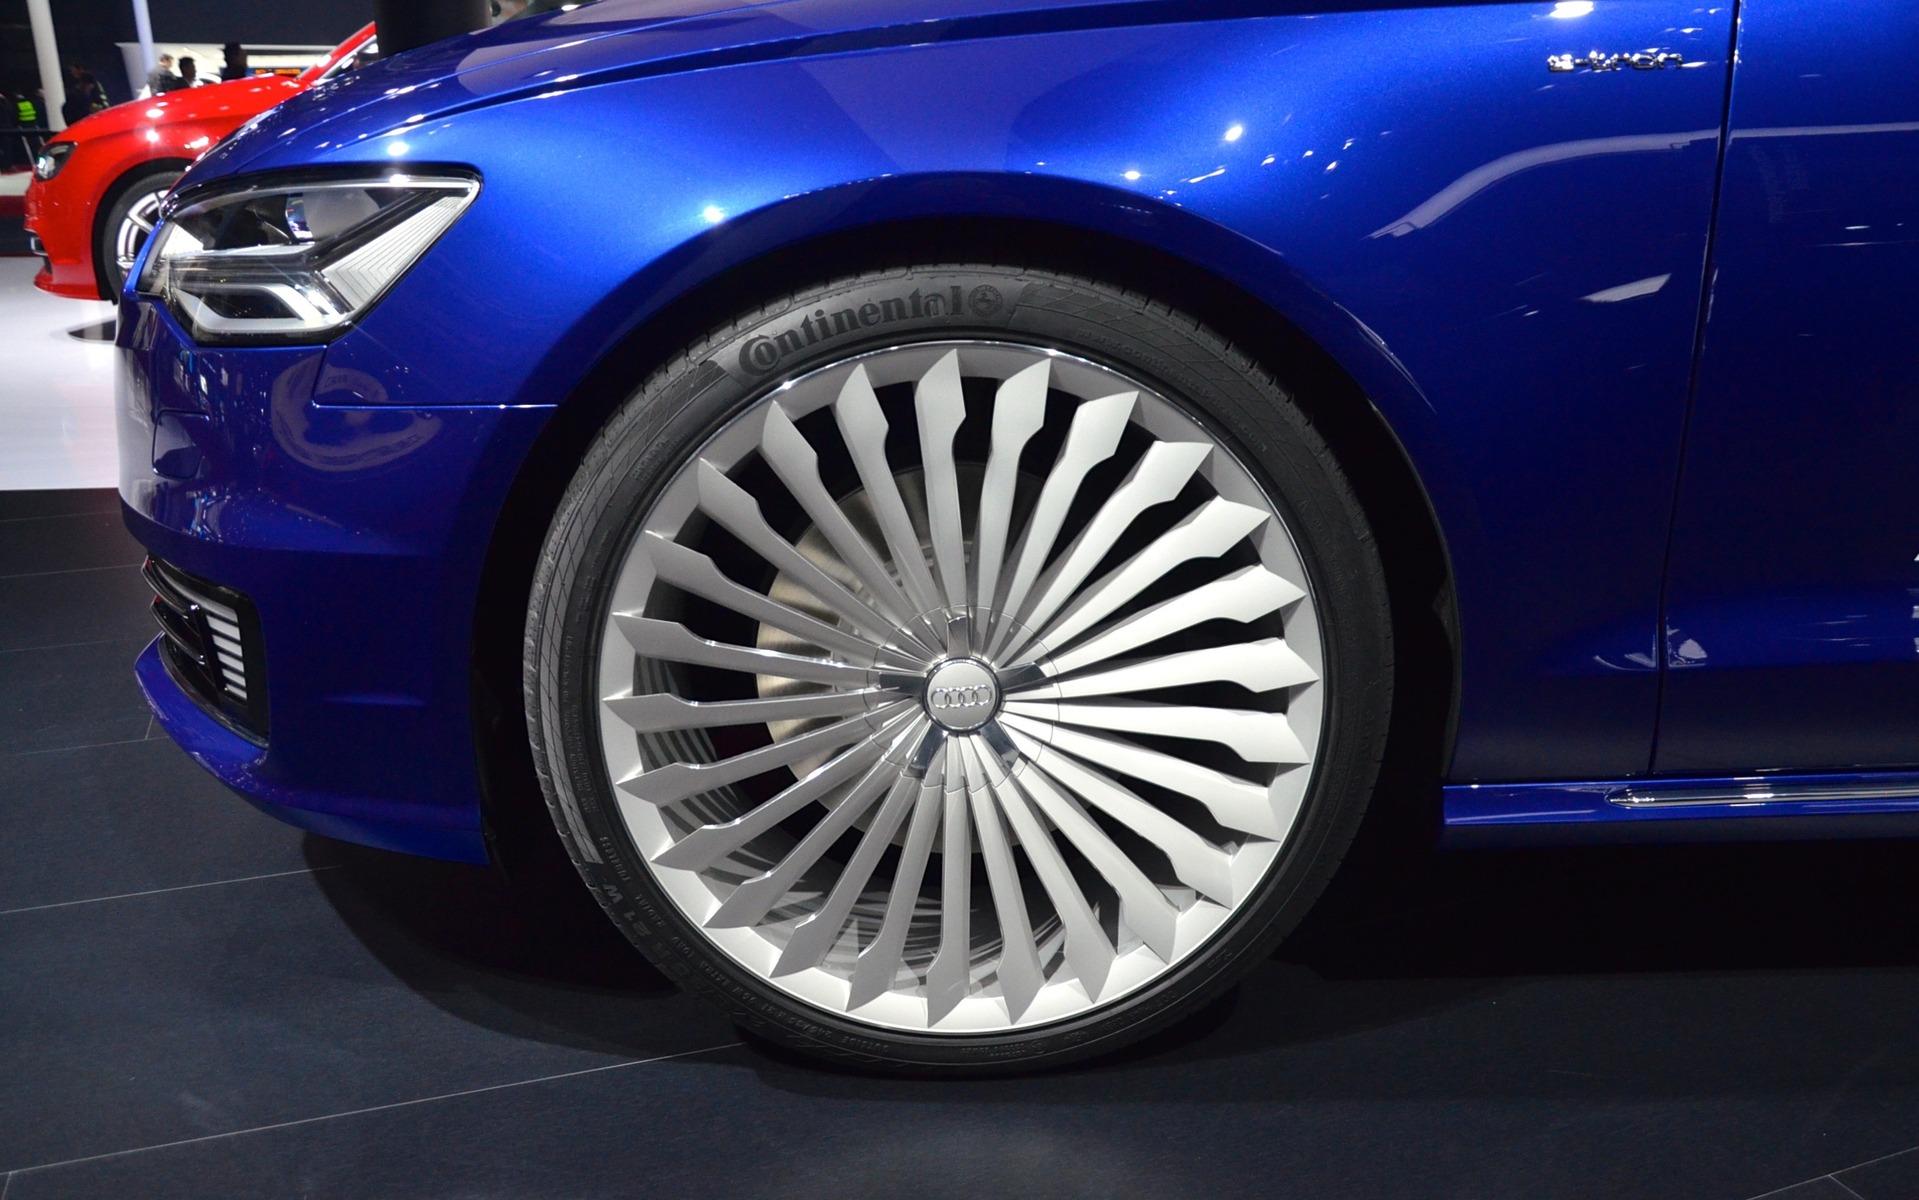 The Audi A6 L E Tron And Q7 E Tron Quattro Unveiled In